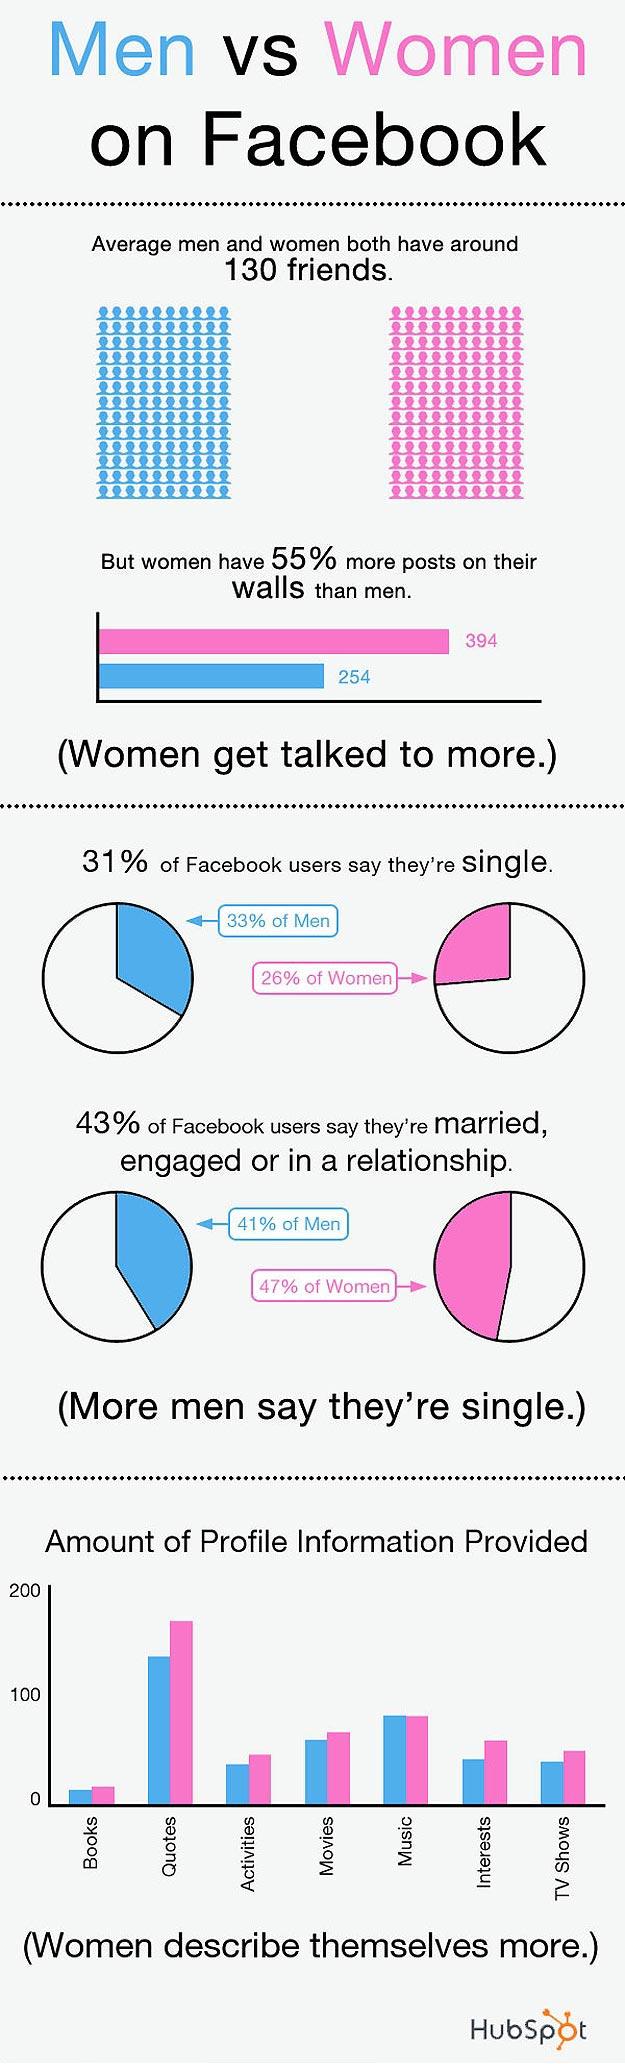 Men vs Women on Facebook